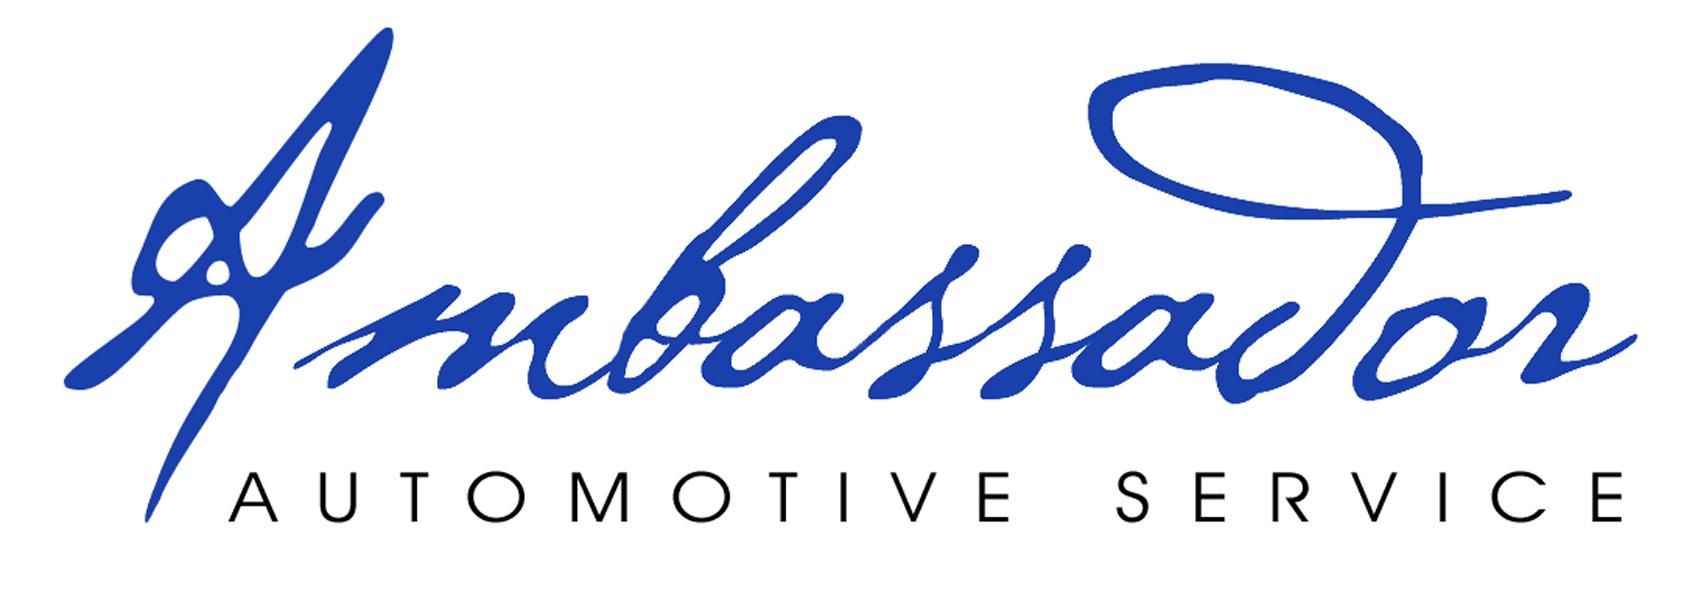 ambassador logo FINAL2006.jpg